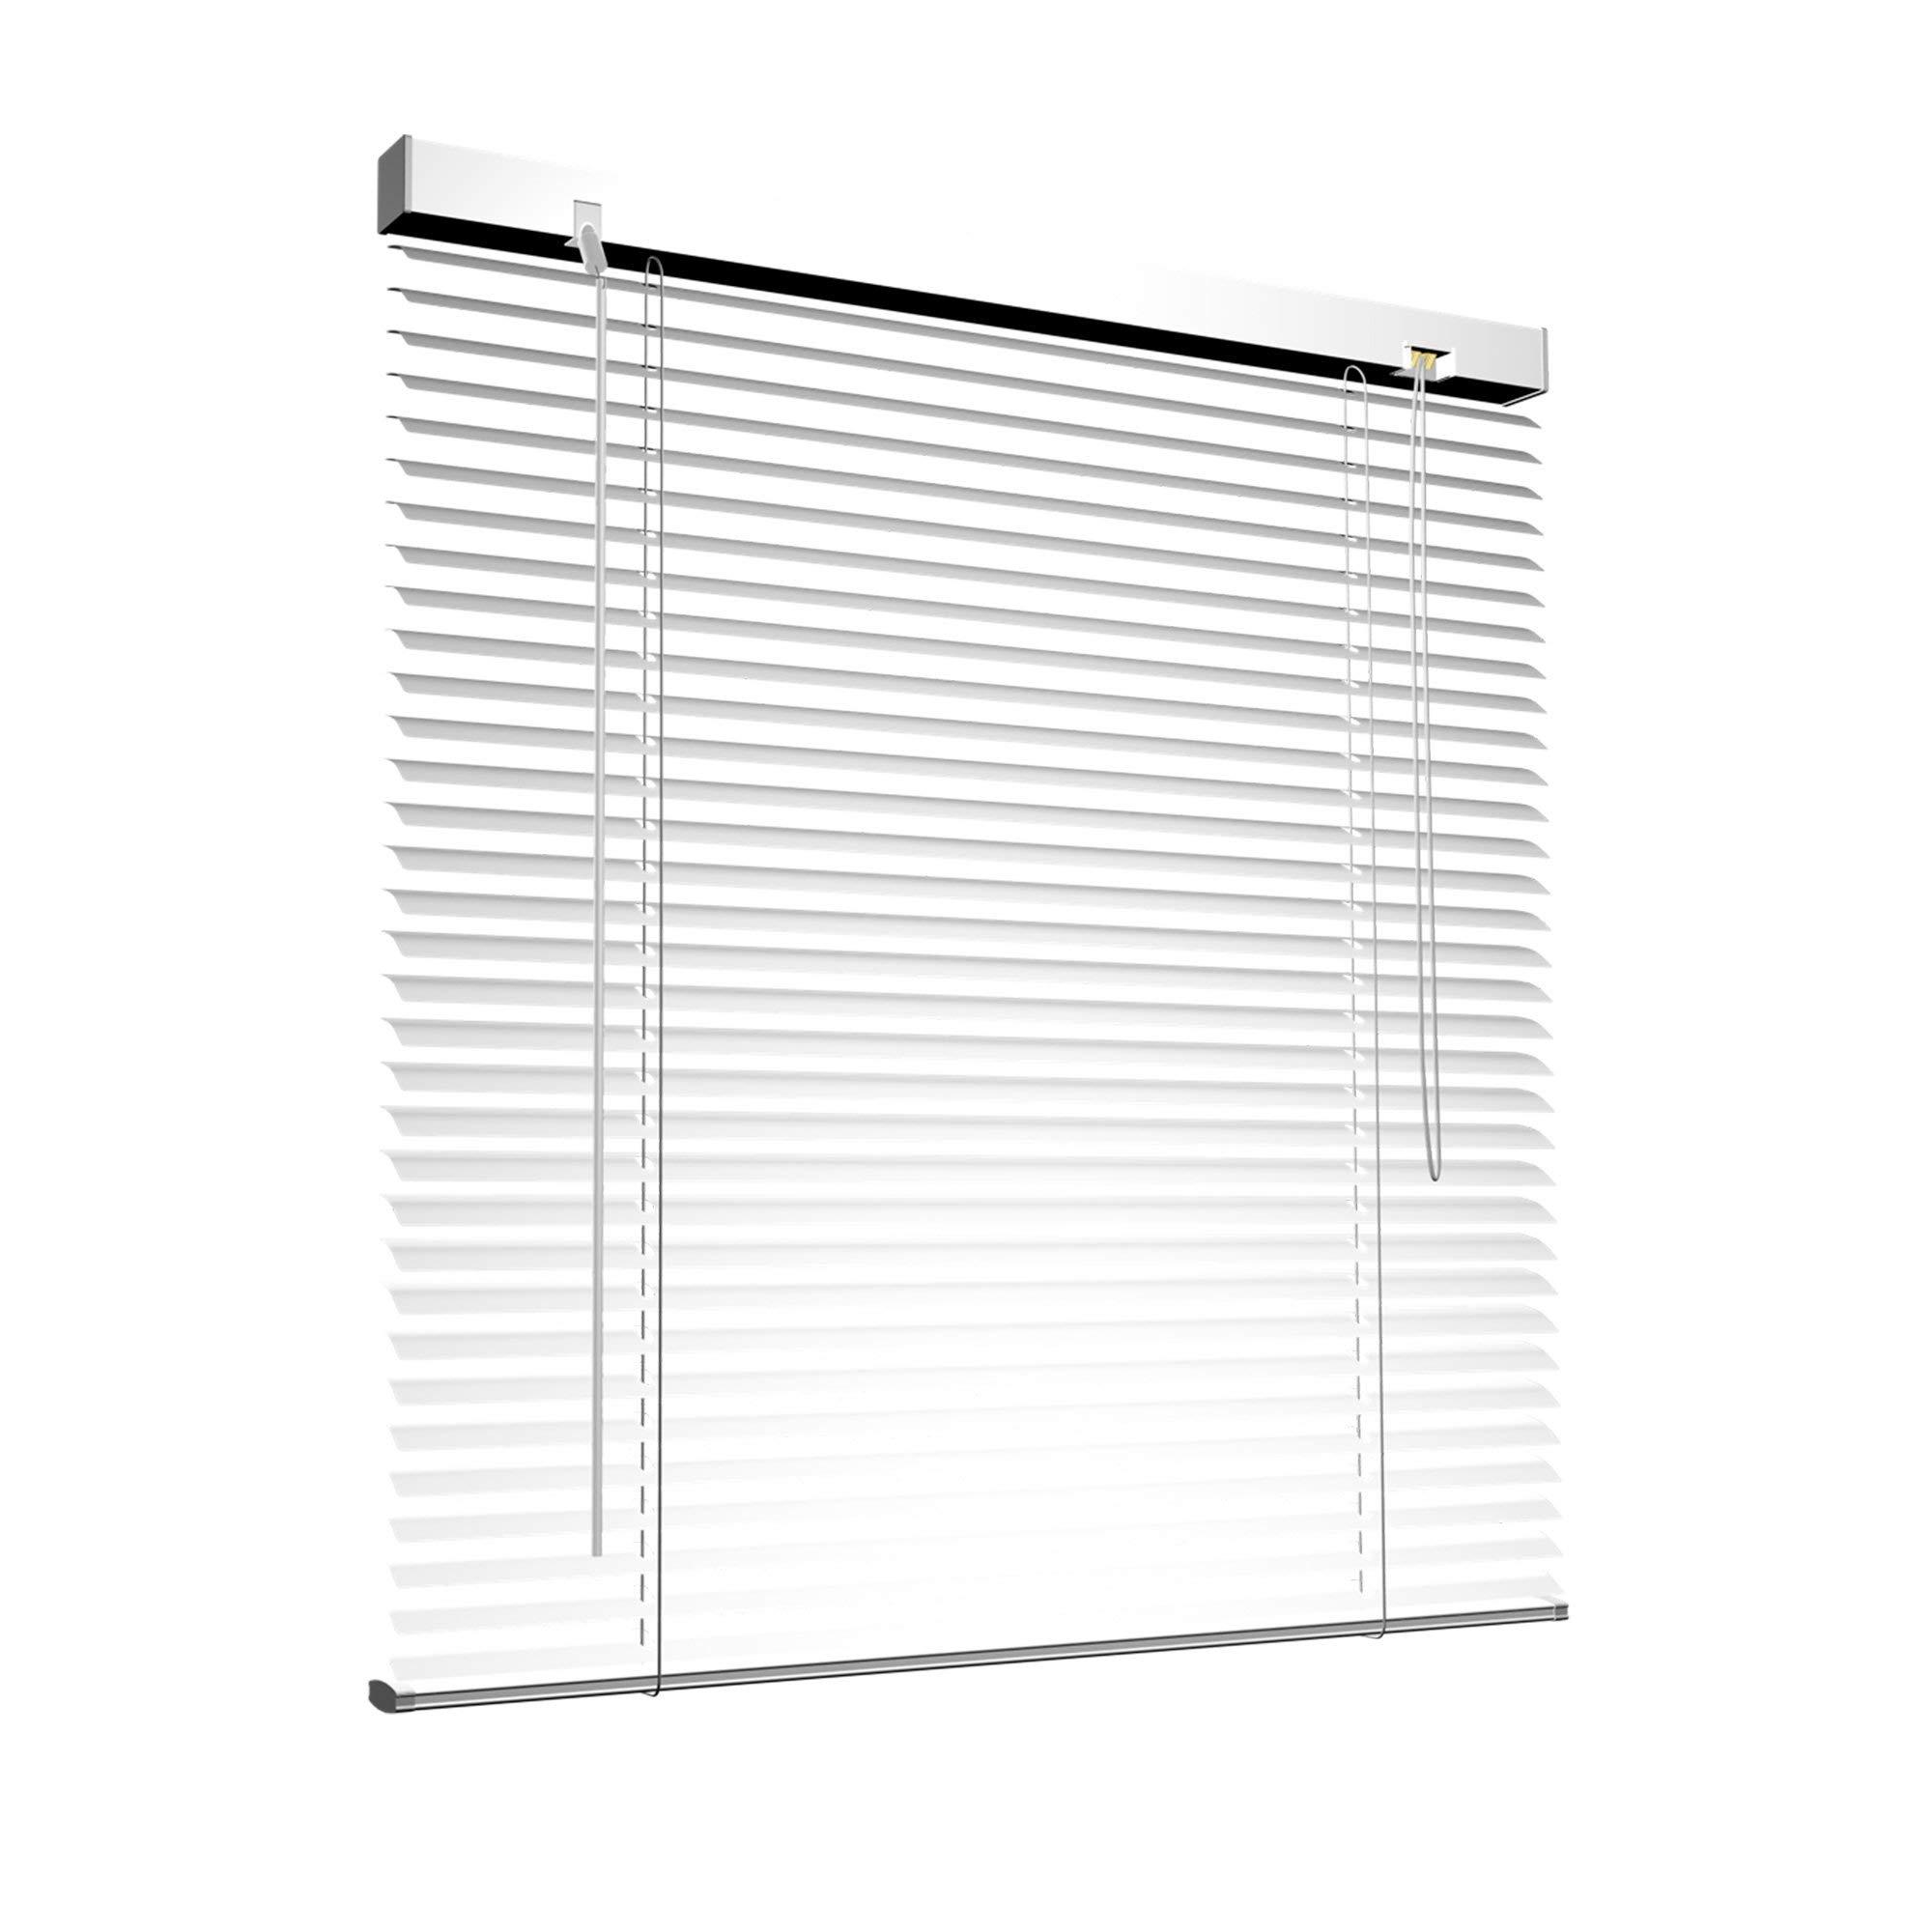 Victoria M - Persiana de aluminio, 150 x 175 cm, Blanco product image